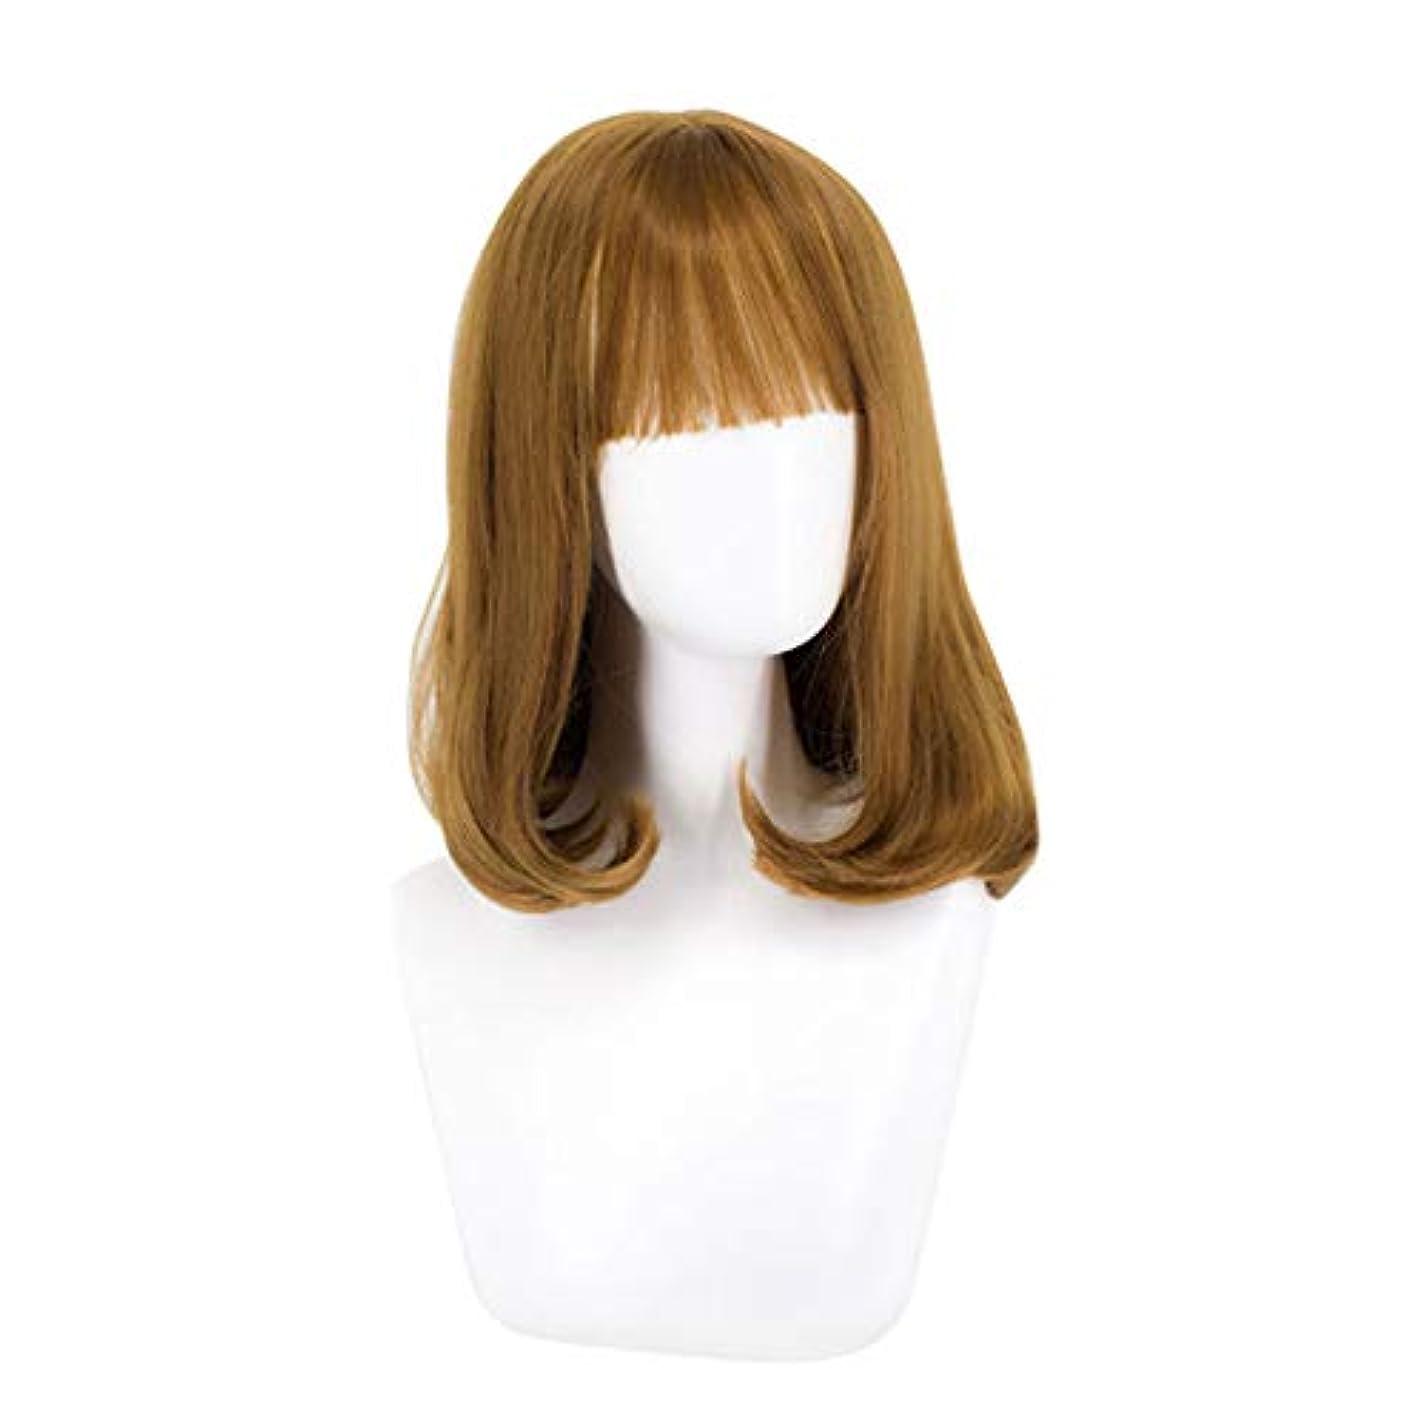 カテナ兵器庫含むウィッグミディアムロングヘアー女性のためのふわふわウェーブのかかった髪かつら自然に見える耐熱性のある合成ファッションウィッグミディアムロングヘアーカーリーかつら,Yellow